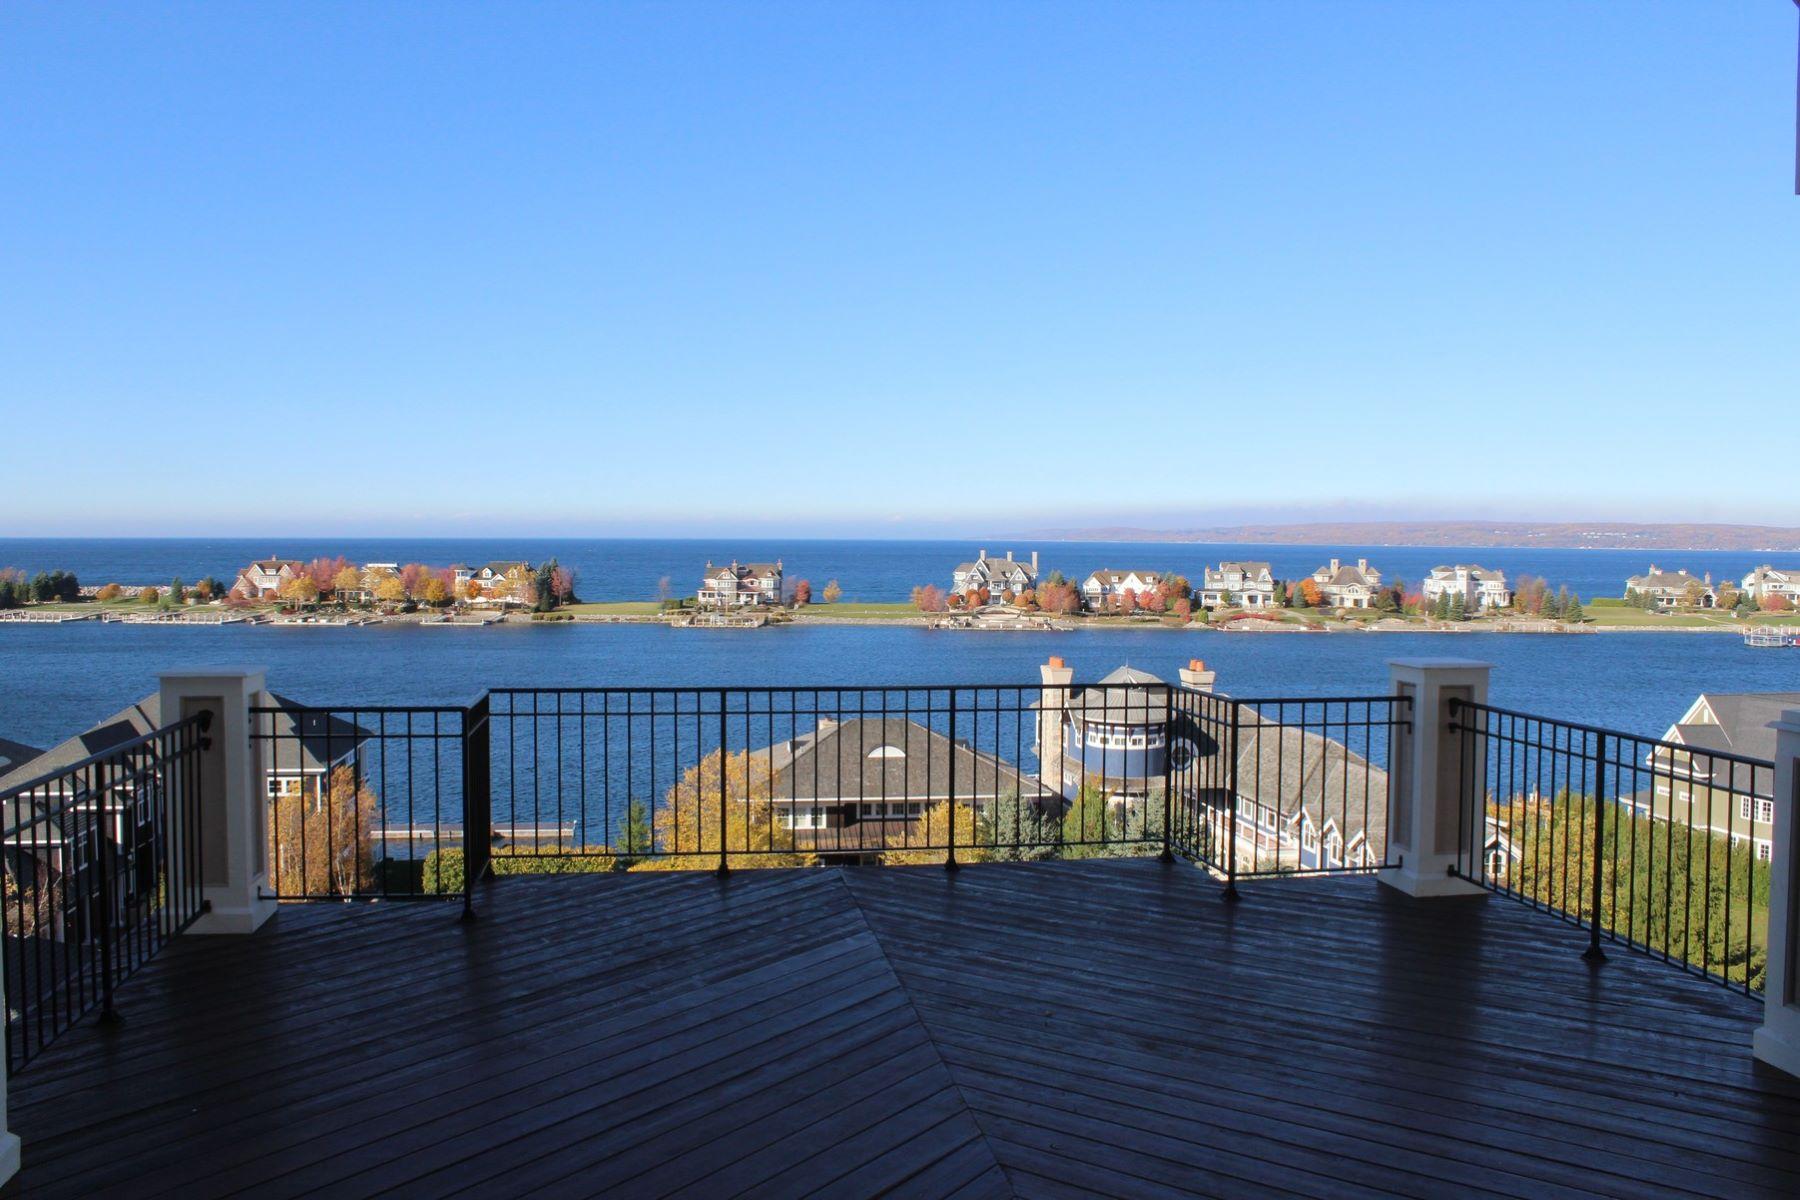 شقة بعمارة للـ Sale في Stunning Bay Harbor Condominium 4068 Harborview Ridge, Bay Harbor, Michigan, 49770 United States